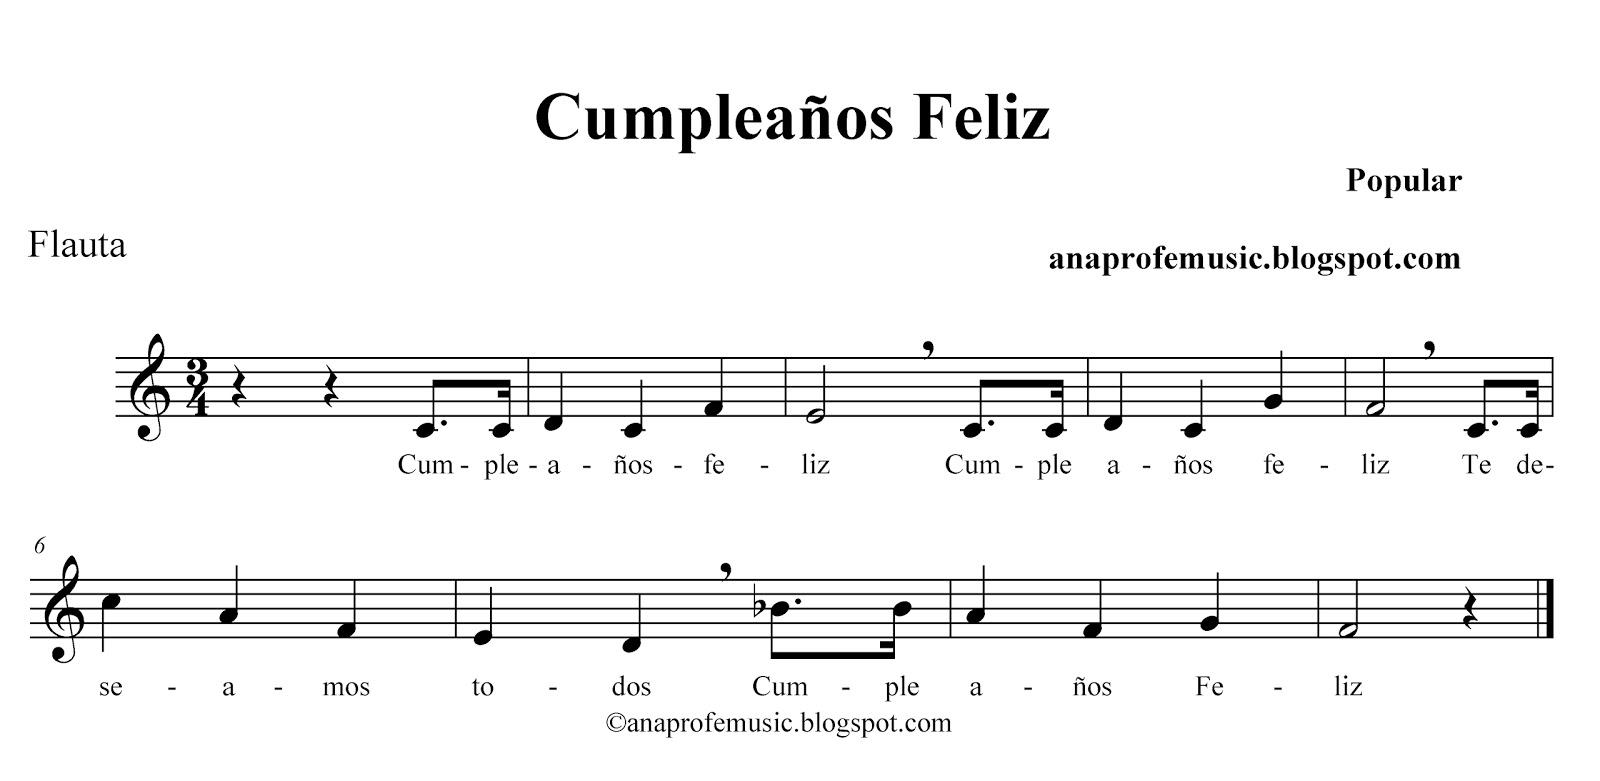 Anaprofemusic Partitura Cumpleanos Feliz